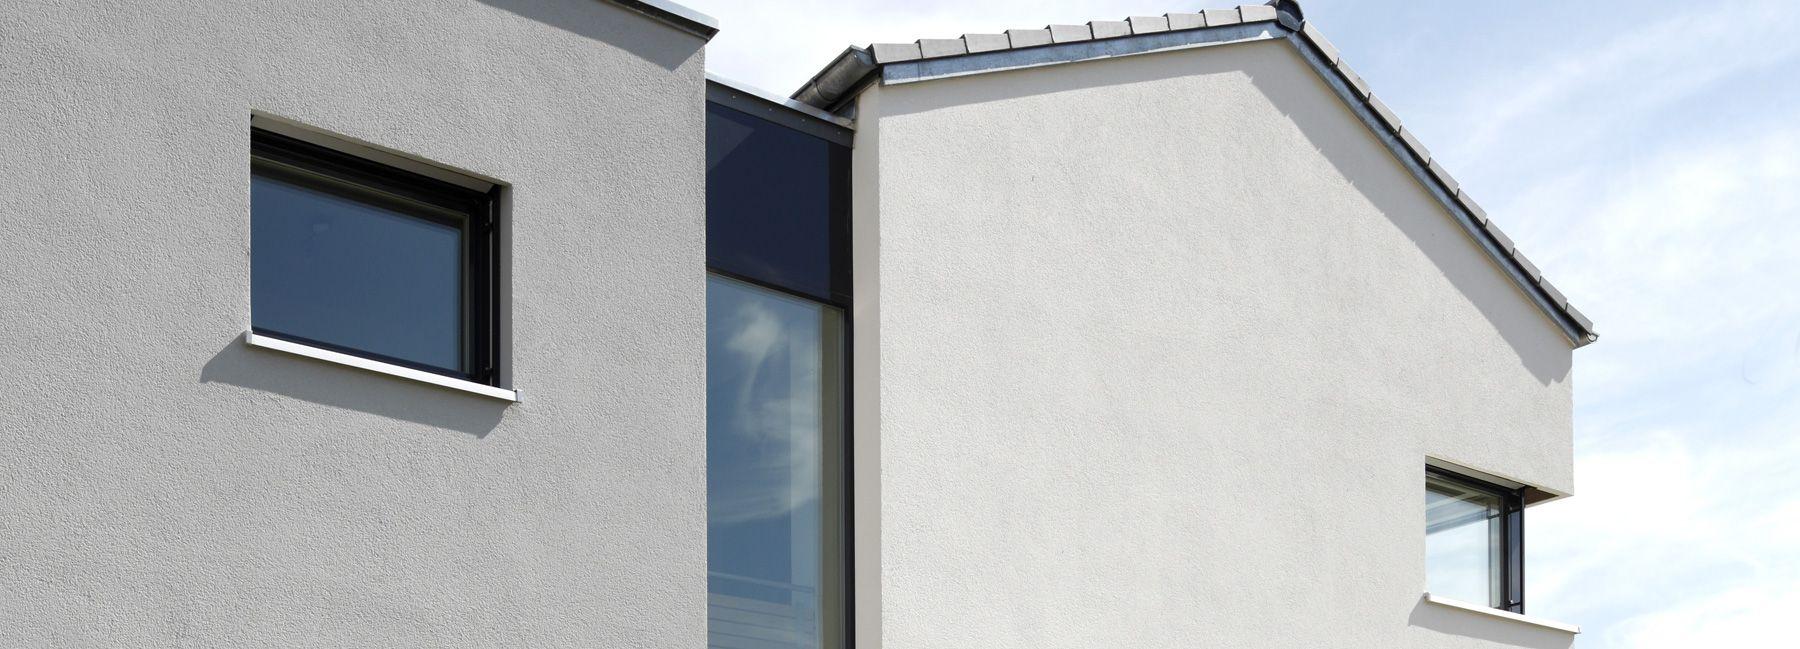 baustoffe jura holzbau holzhaus bayern holzhaus regensburg. Black Bedroom Furniture Sets. Home Design Ideas